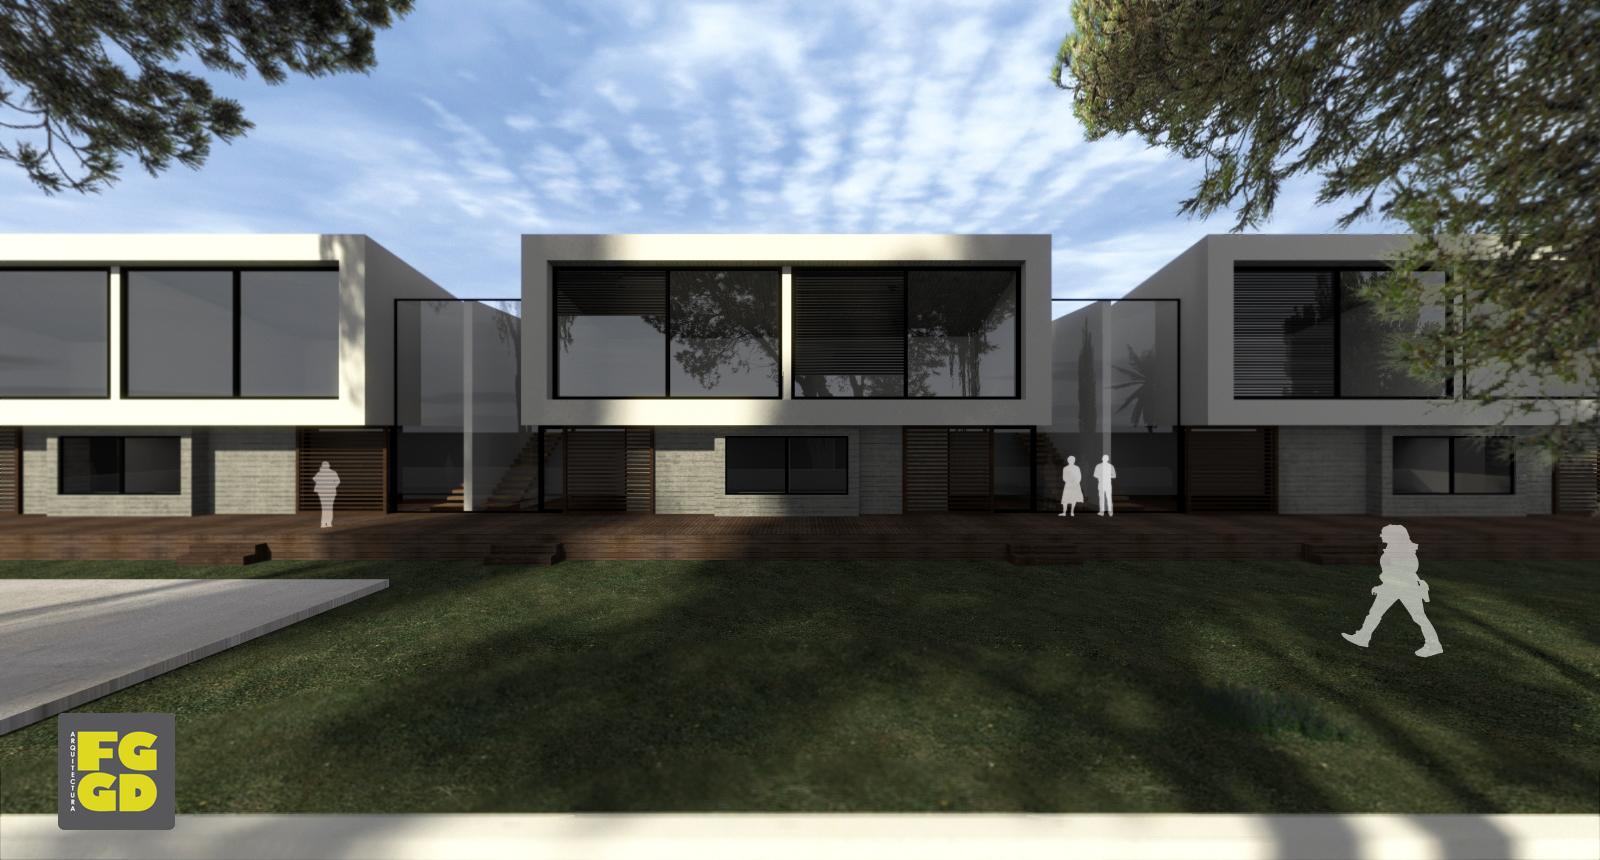 Fggd arquitectura - Estudios arquitectura murcia ...